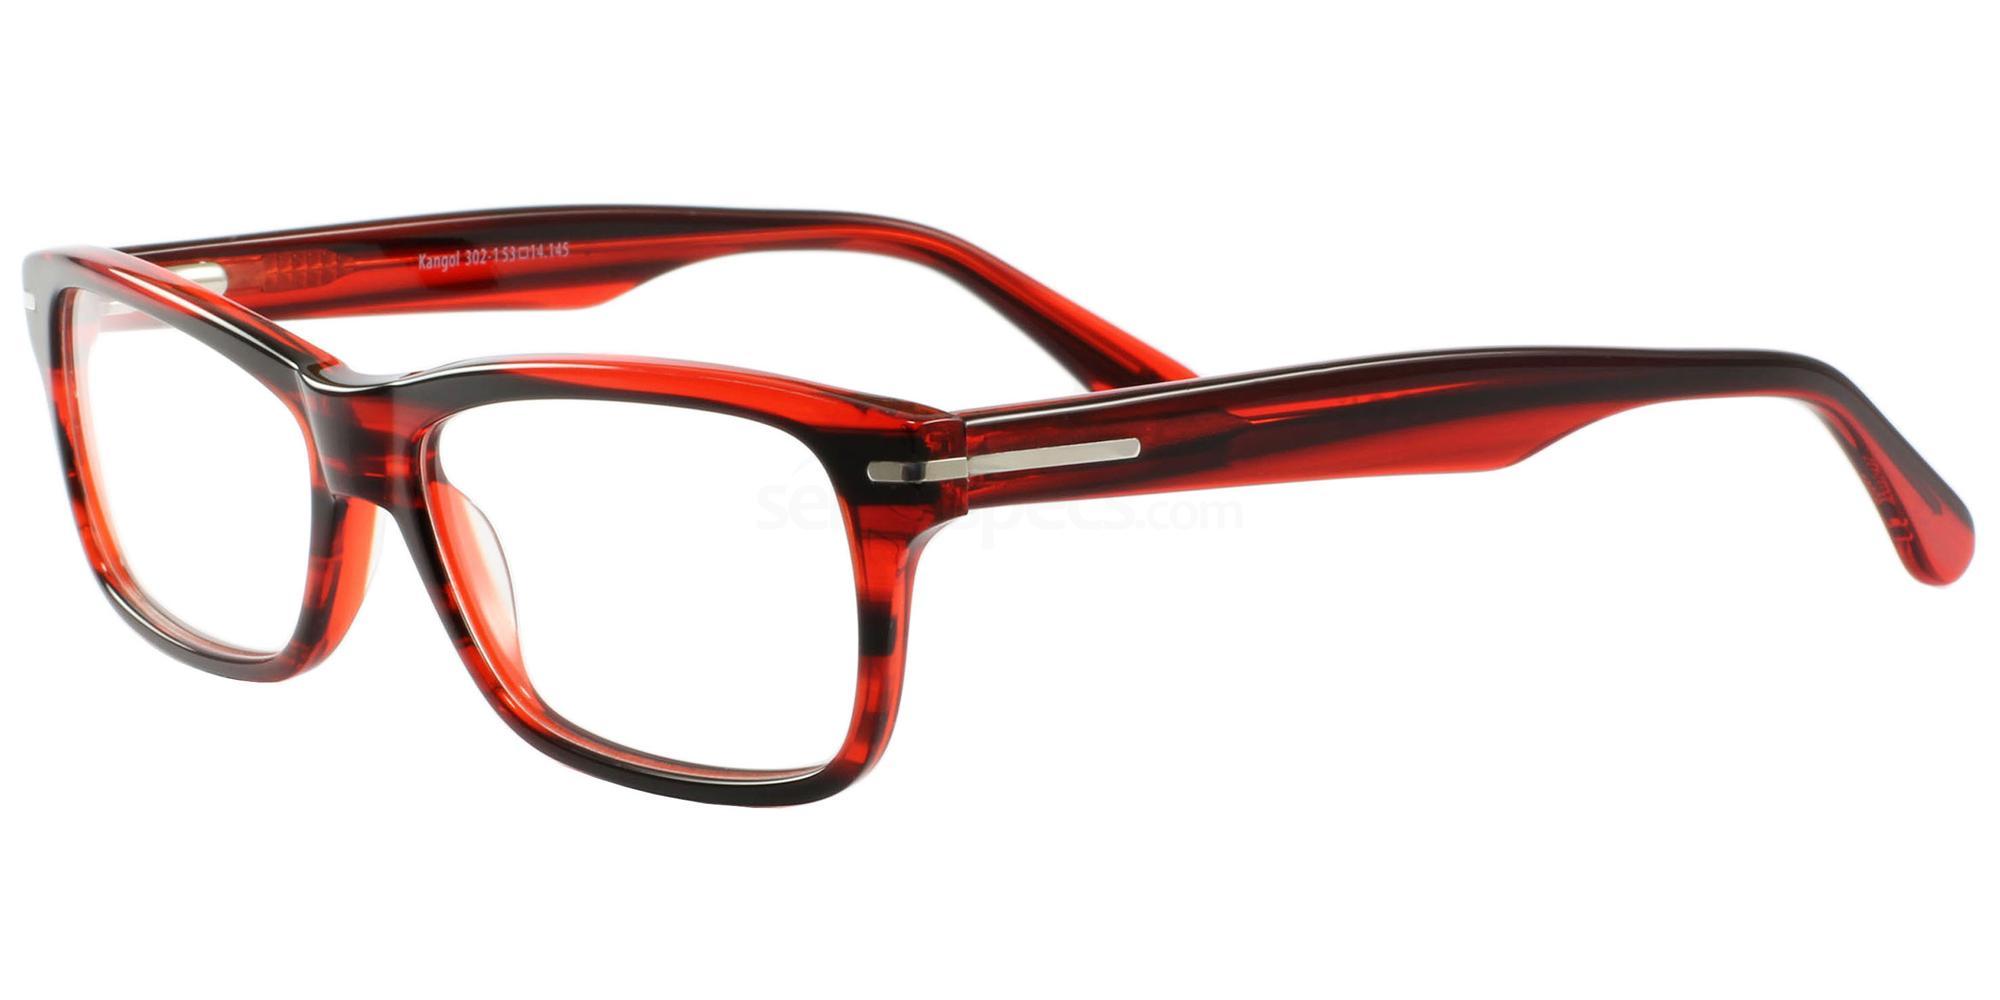 C1 302 Glasses, Kangol